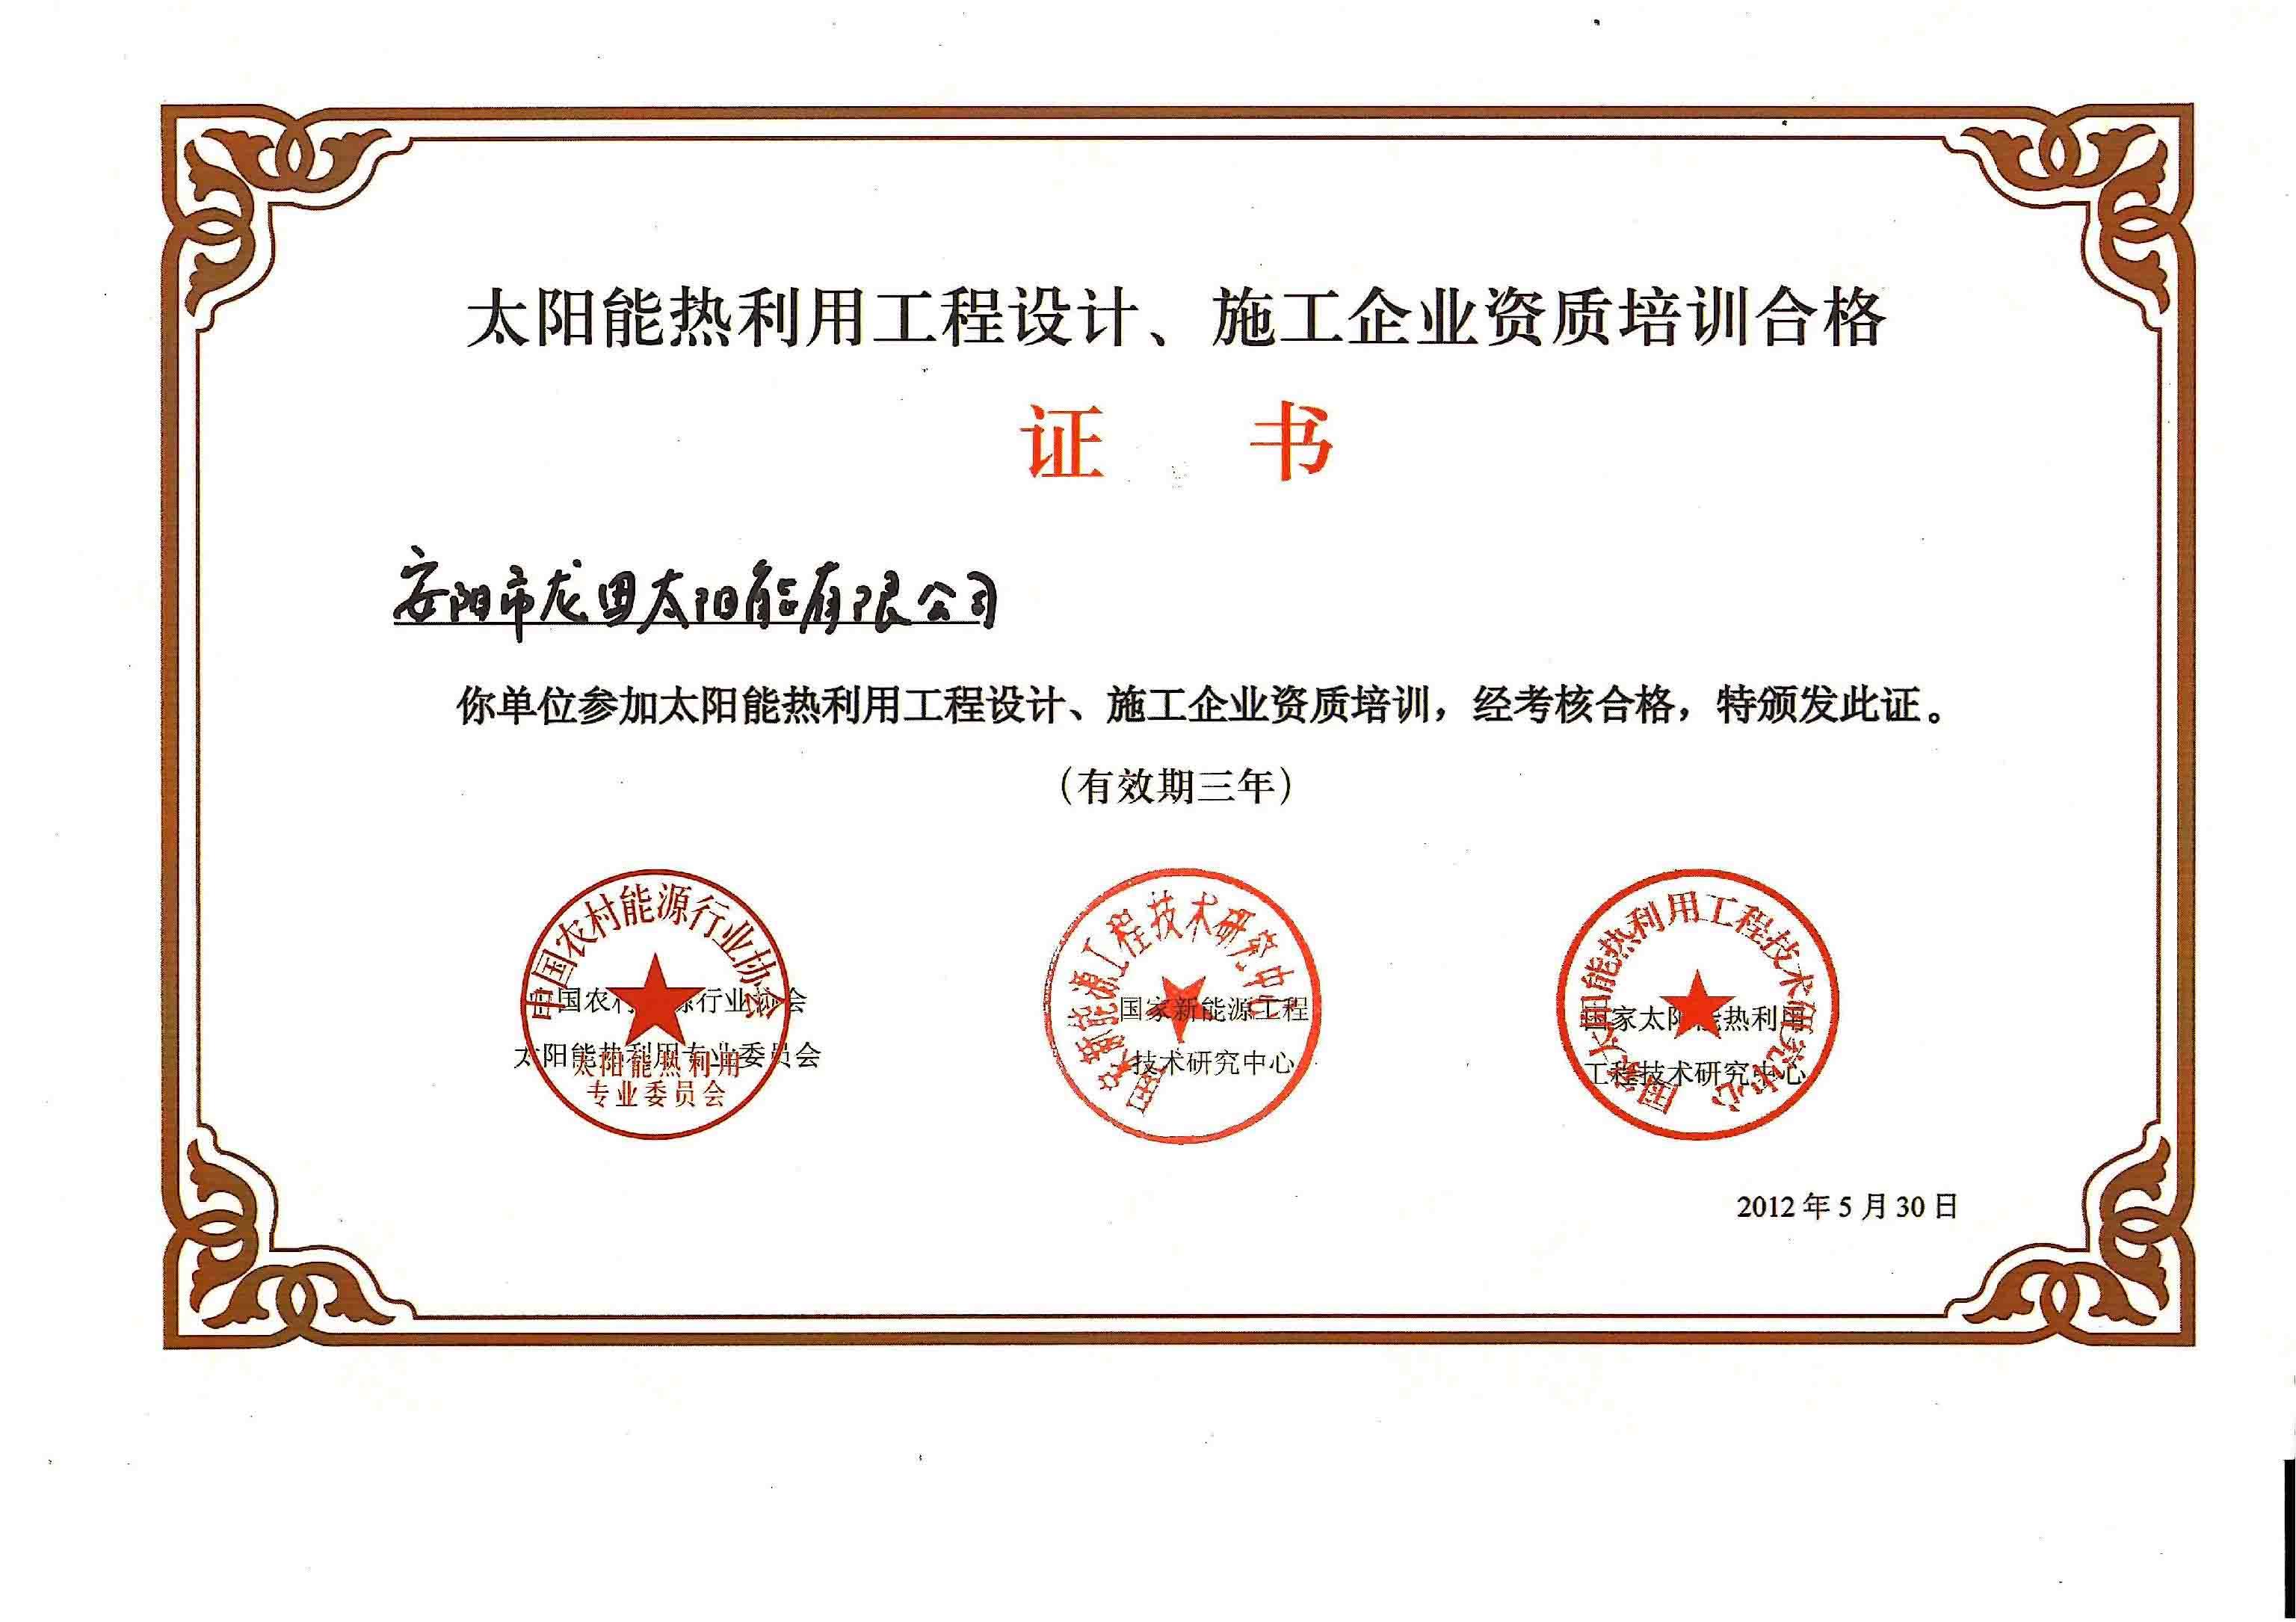 太阳能热利用证书